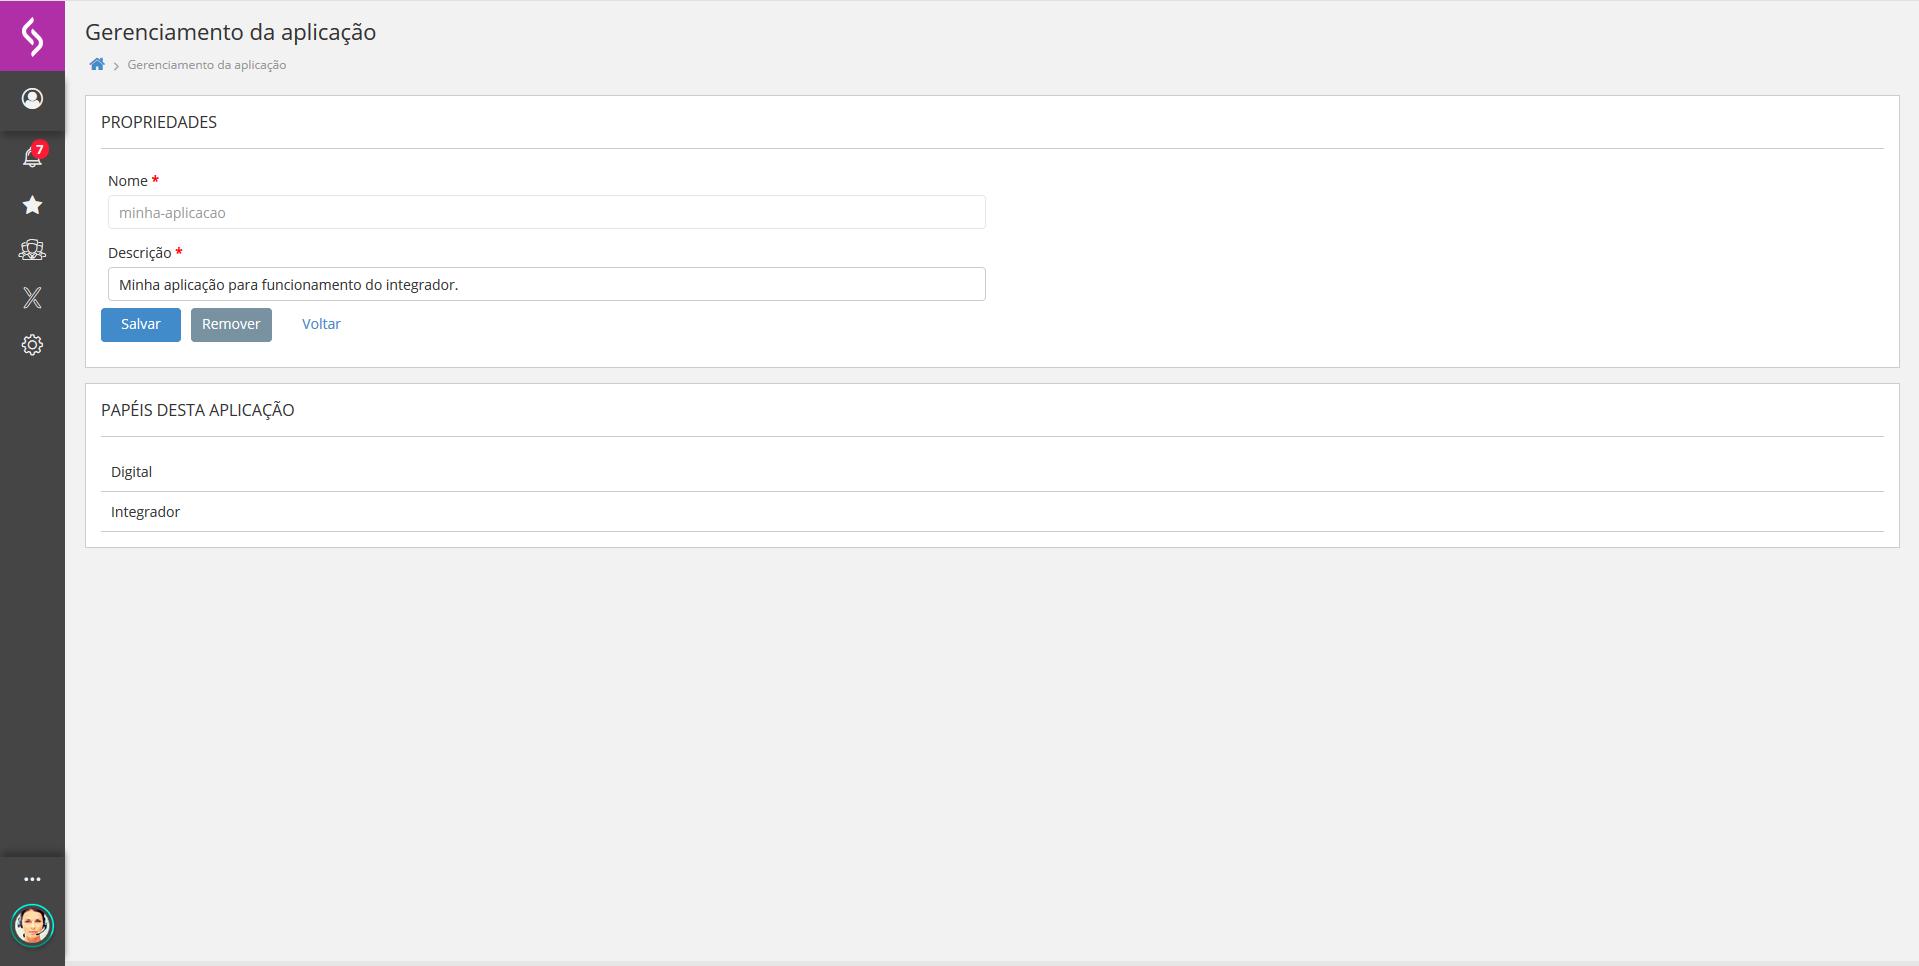 Imagem mostrando a plataforma x aberta com o cadastro de uma aplicação.